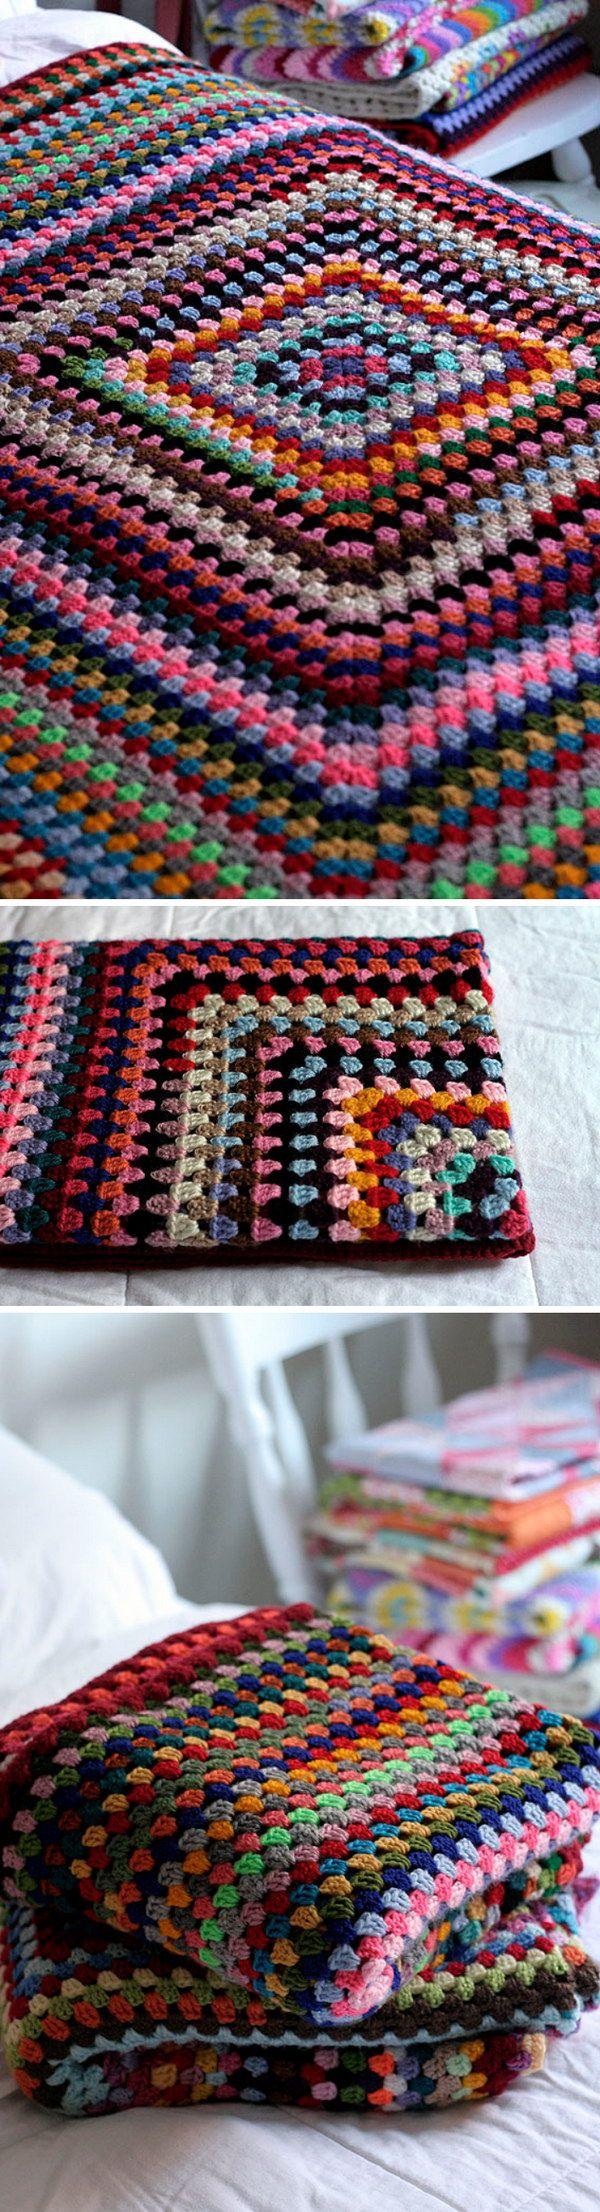 6765 best Knitting /Crochet - Blankets images on Pinterest   Crochet ...